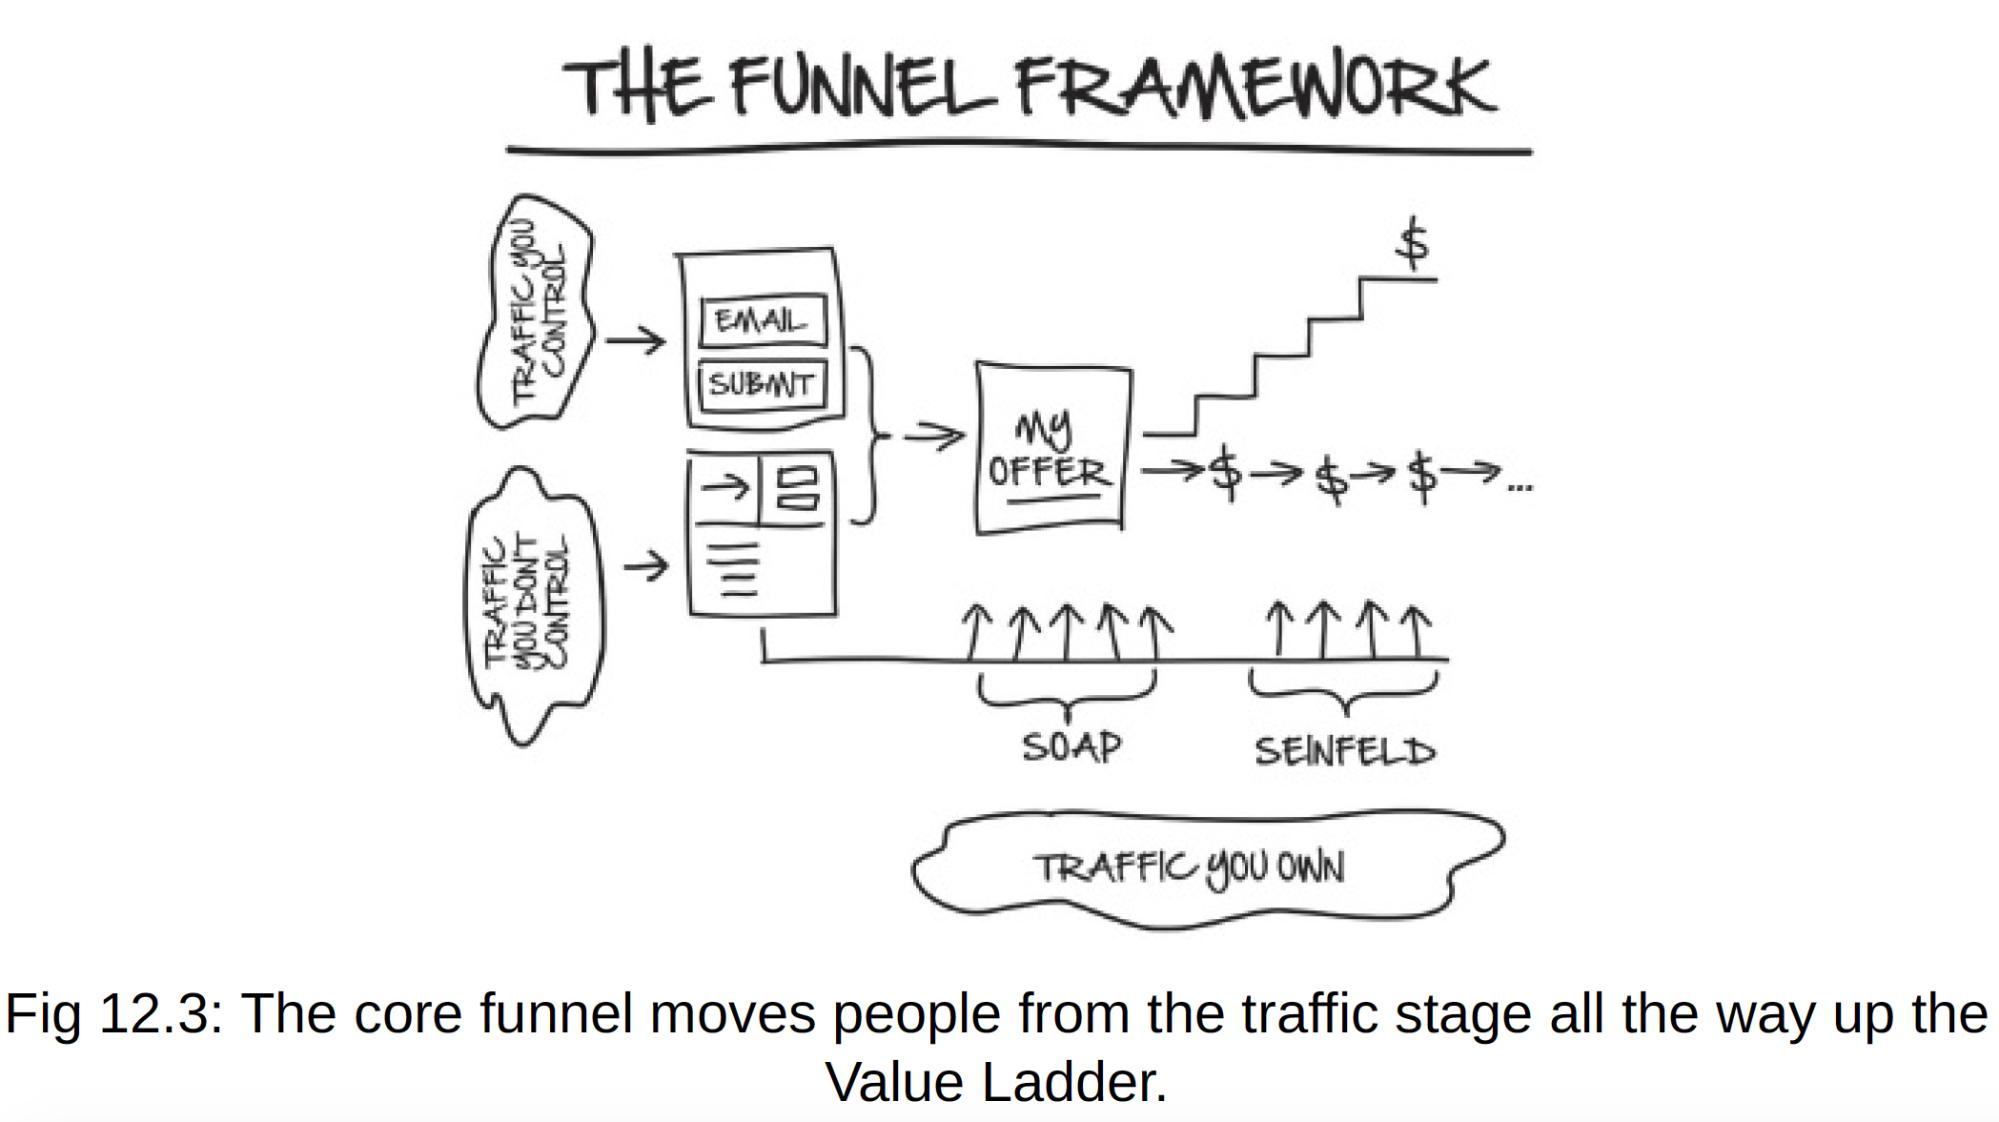 the funnel framework